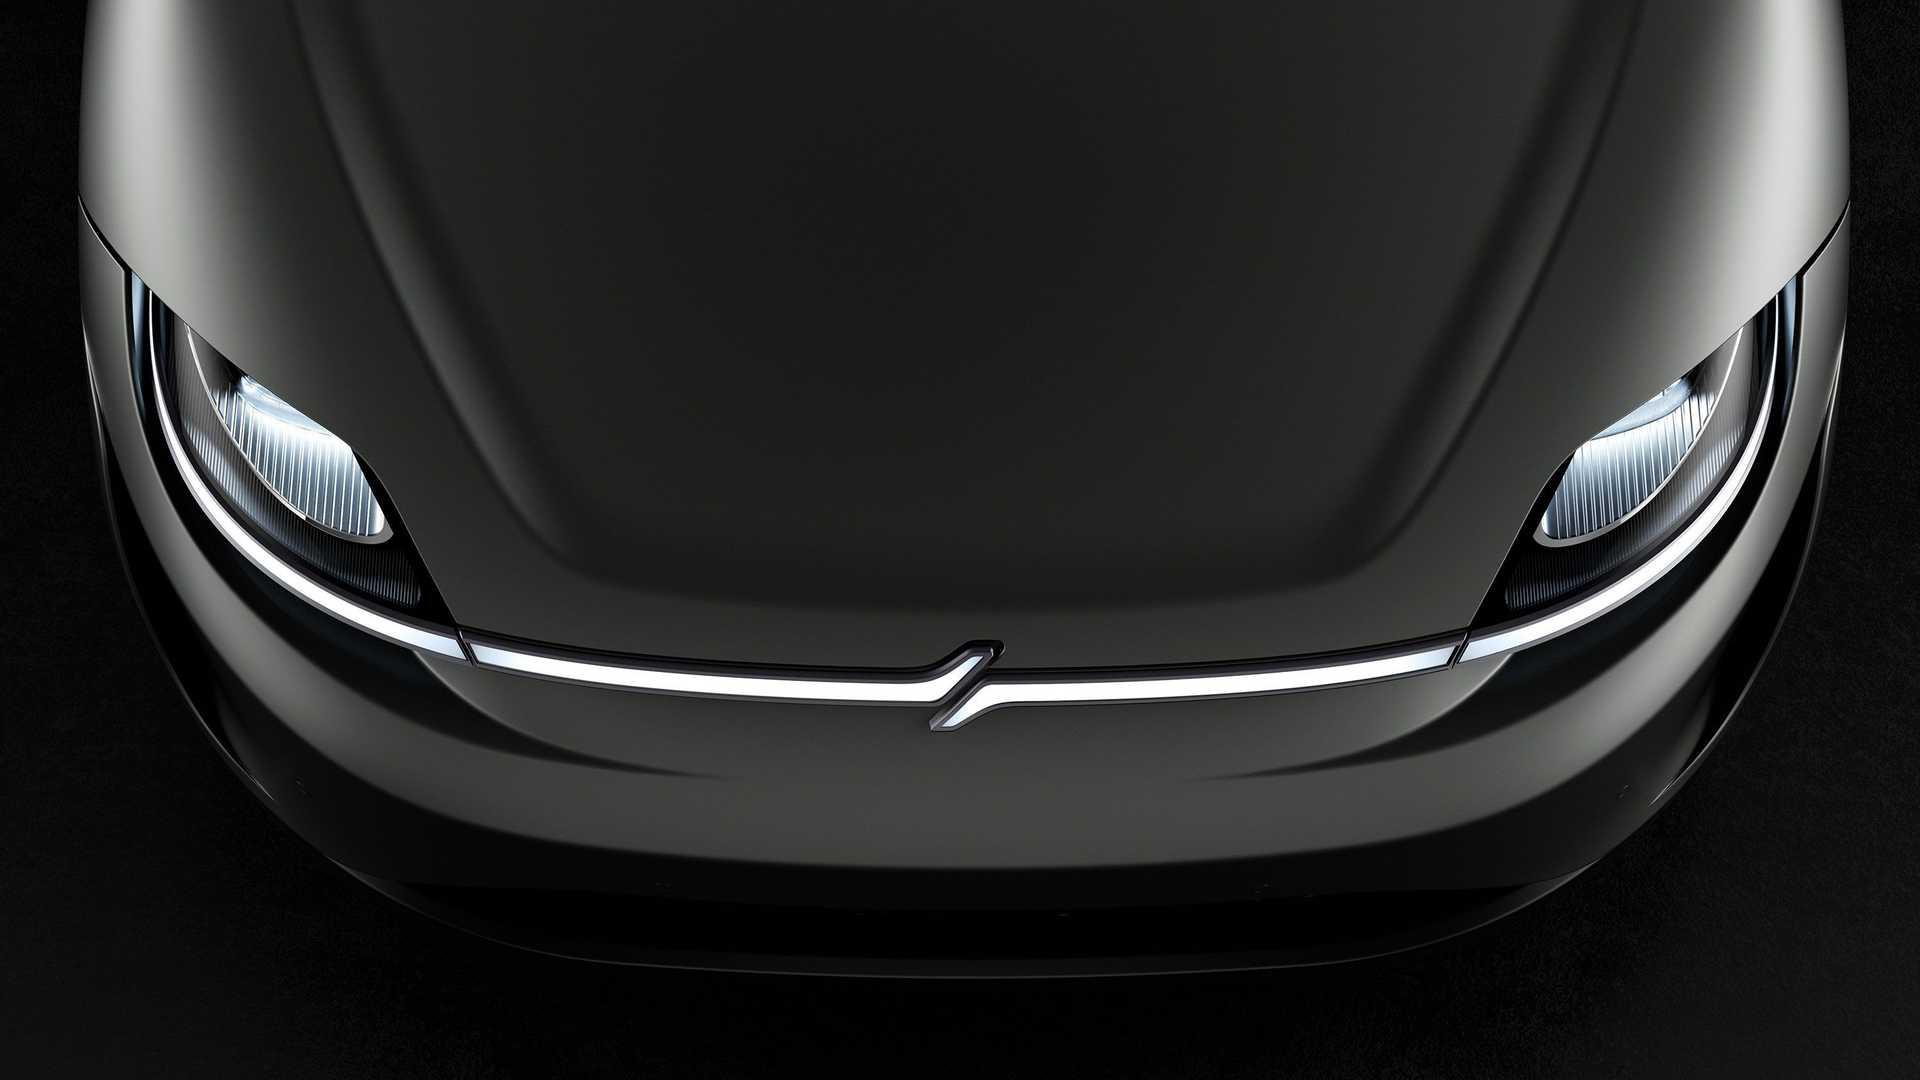 Cận cảnh chiếc xe điện Vision - S đến từ tương lai của Sony - Ảnh 9.